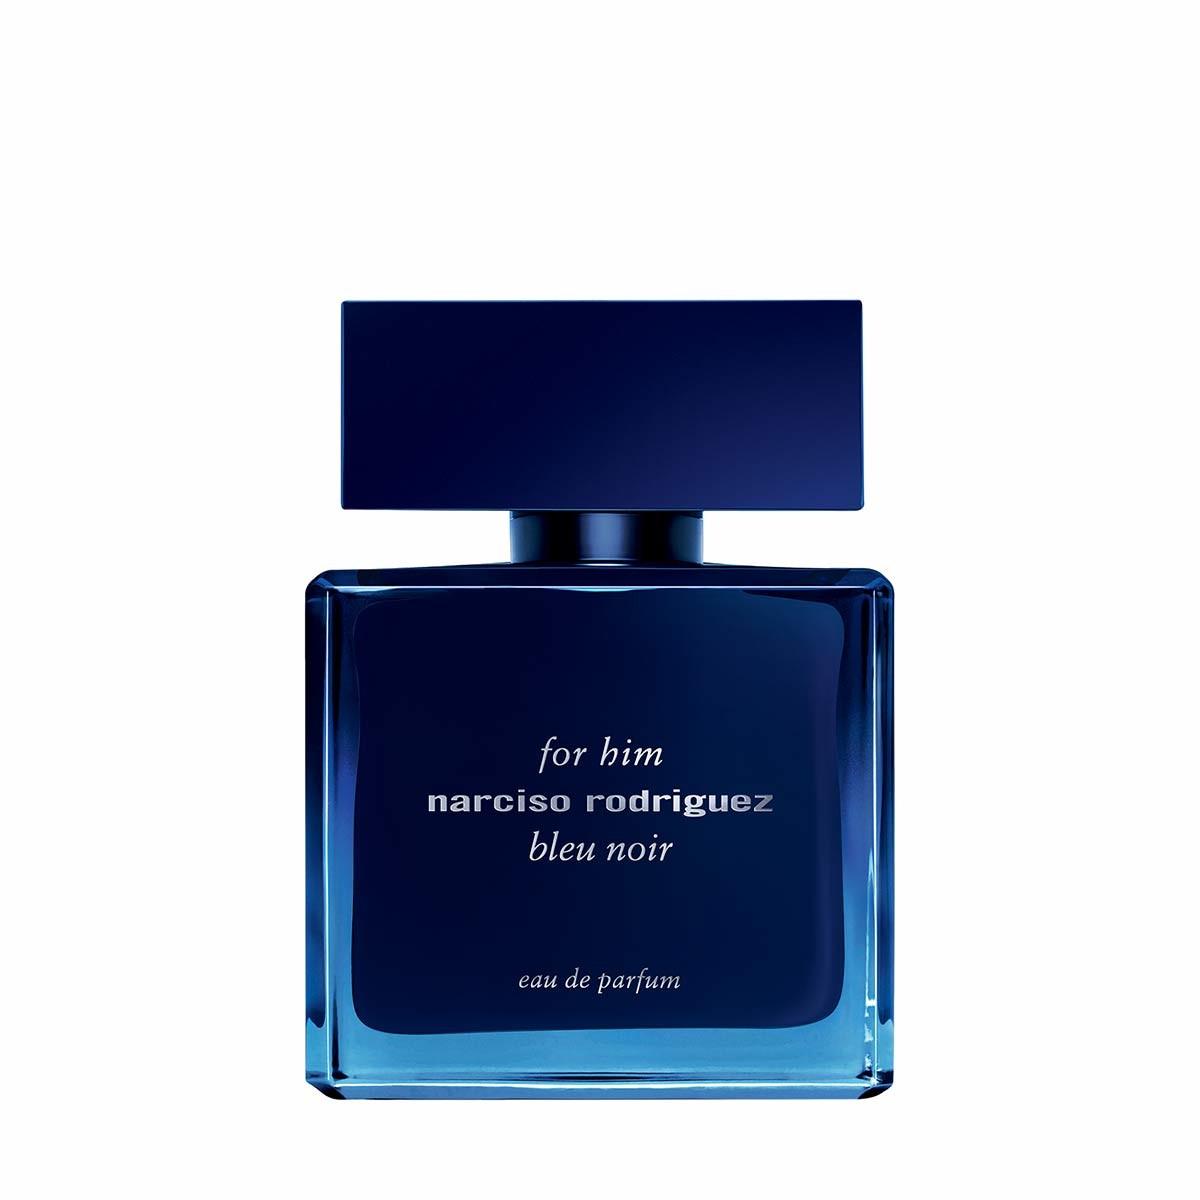 Narciso Rodriguez Bleu Noir Eau de Parfum